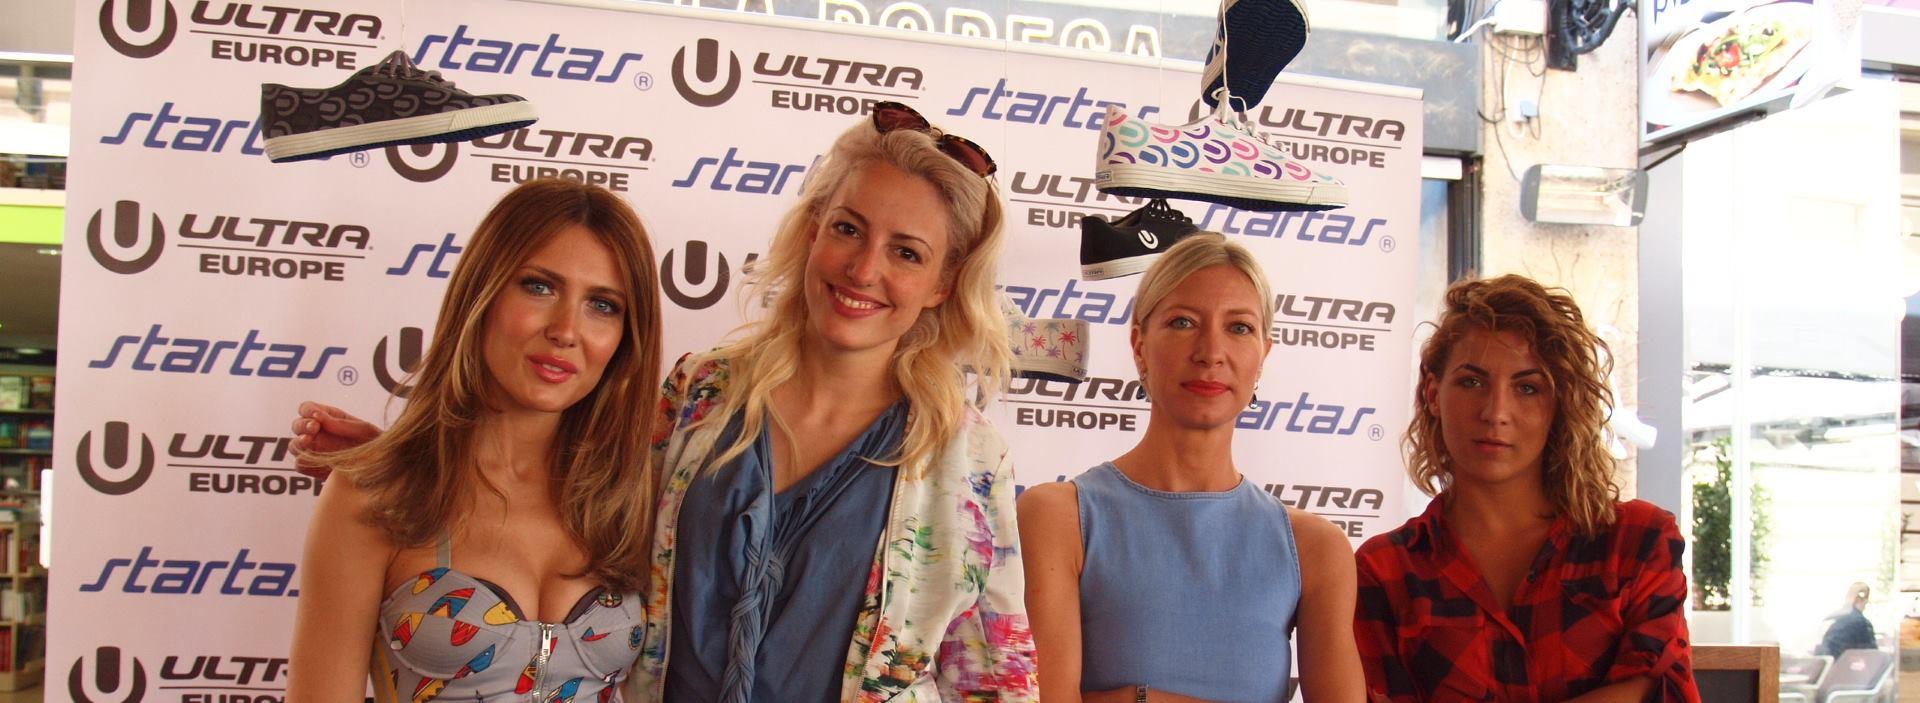 ULTRA EUROPE Poznati elektronski festival predstavlja ekskluzivnu kolekciju Startasica